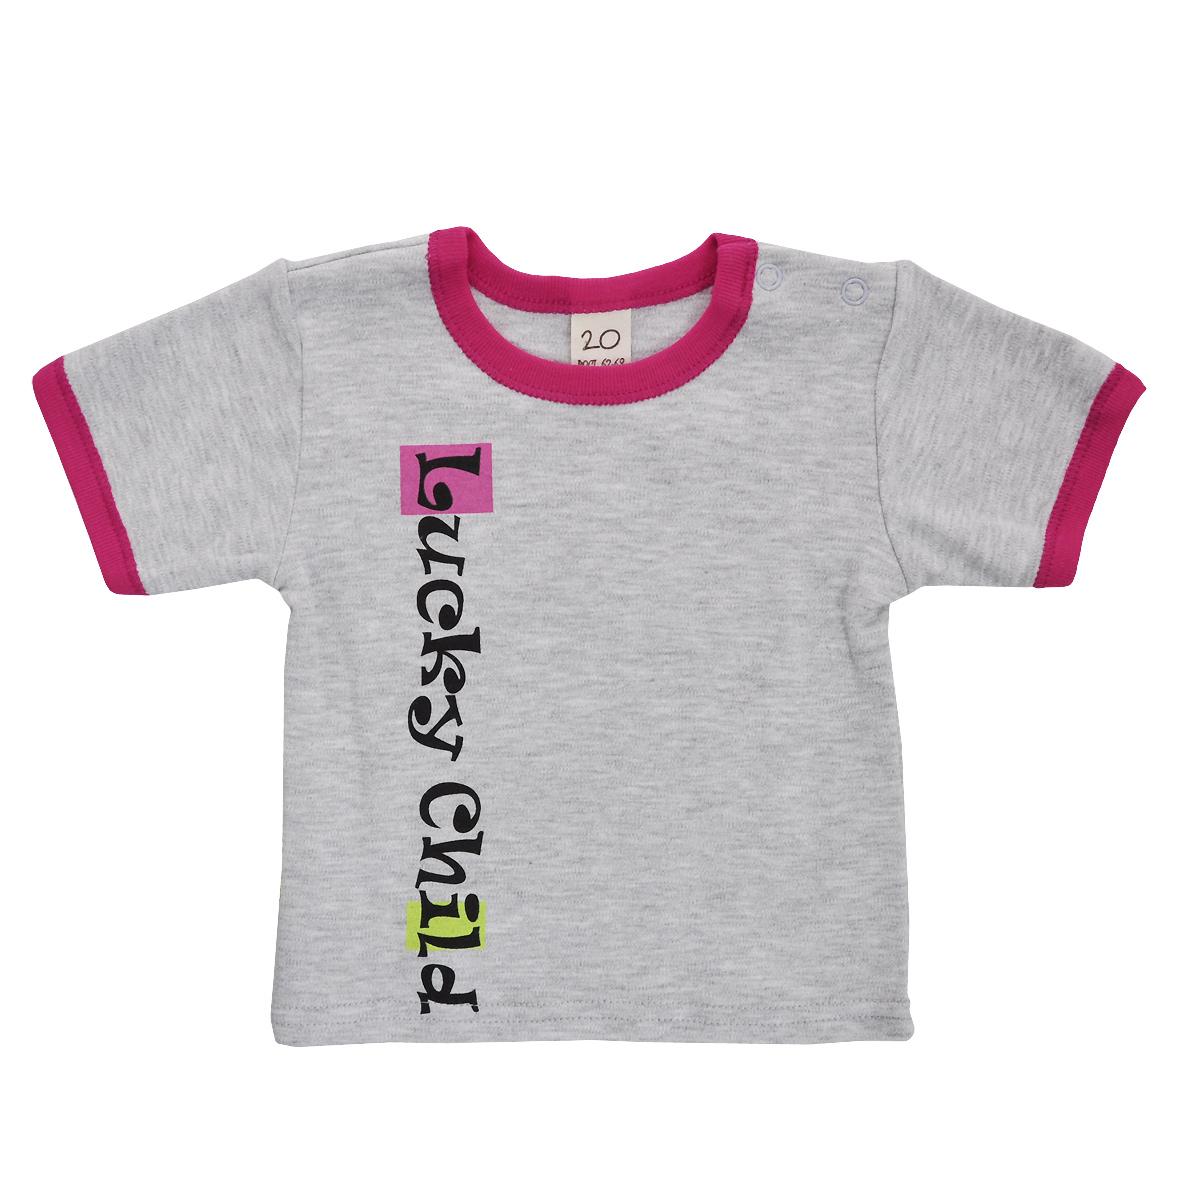 Футболка детская Lucky Child, цвет: серый, розовый. 1-26Д. Размер 80/861-26ДДетская футболка Lucky Child Спорт идеально подойдет вашему ребенку и станет прекрасным дополнением к его гардеробу. Изготовленная из натурального хлопка, она мягкая и приятная на ощупь, не сковывает движения и позволяет коже дышать, не раздражает даже самую нежную и чувствительную кожу ребенка, обеспечивая наибольший комфорт. Футболка с круглым вырезом горловины и короткими рукавами застегивается на кнопки по плечевому шву, что позволяет легко переодеть кроху. Низ рукавов и вырез горловины дополнены трикотажными резинками контрастного цвета. Модель оформлена принтовой надписью.В такой футболке ваш ребенок будет чувствовать себя уютно и комфортно, и всегда будет в центре внимания!